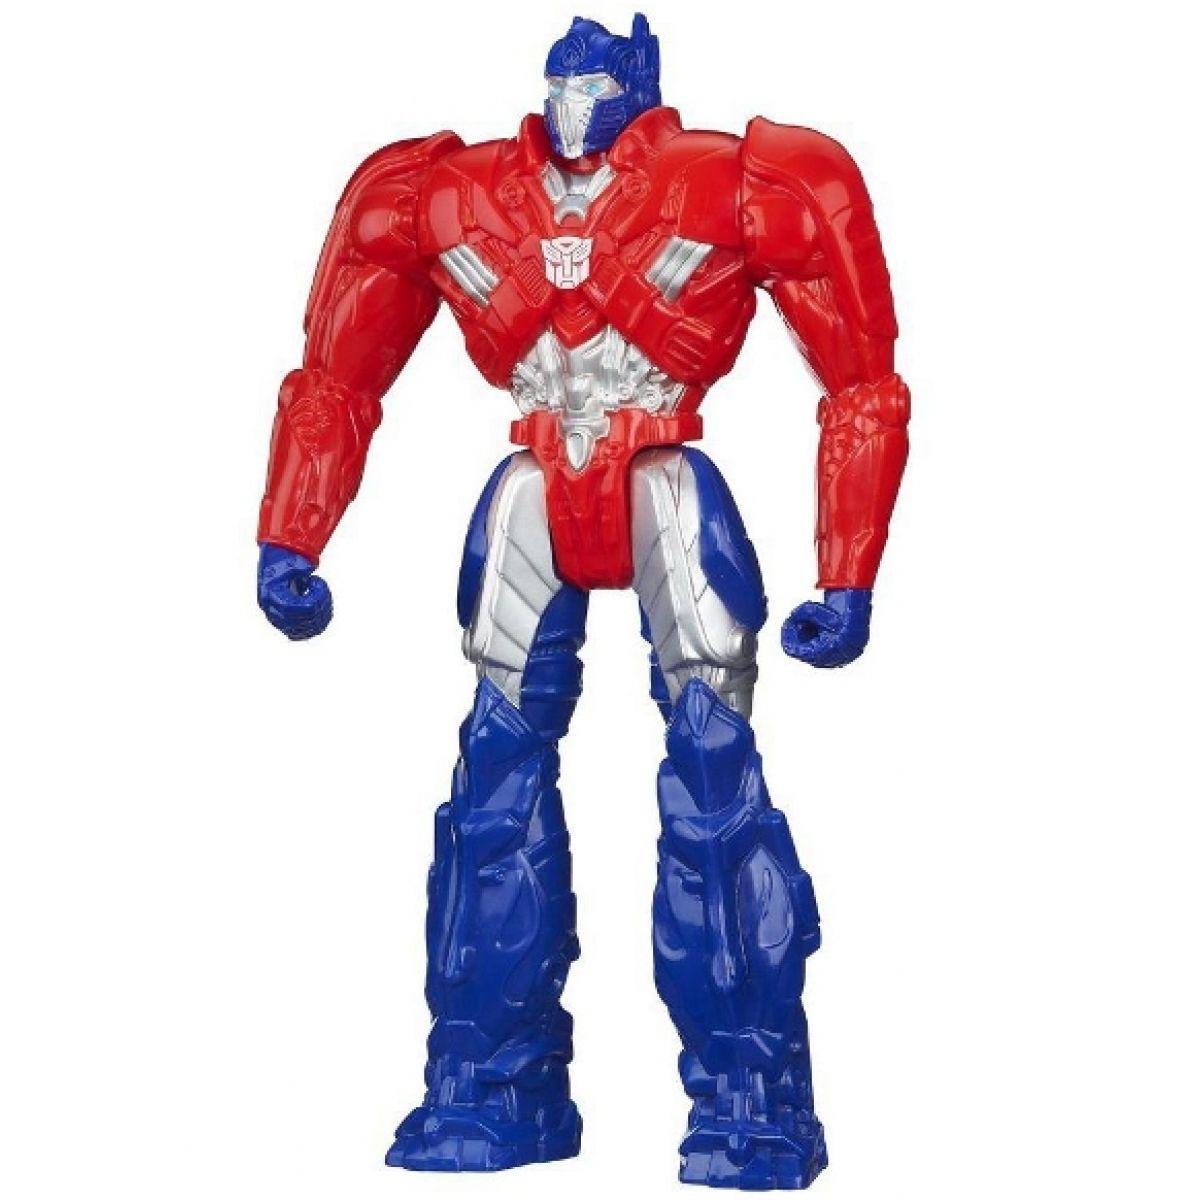 Transformers 4 Figurka 30 cm - Optimus Prime